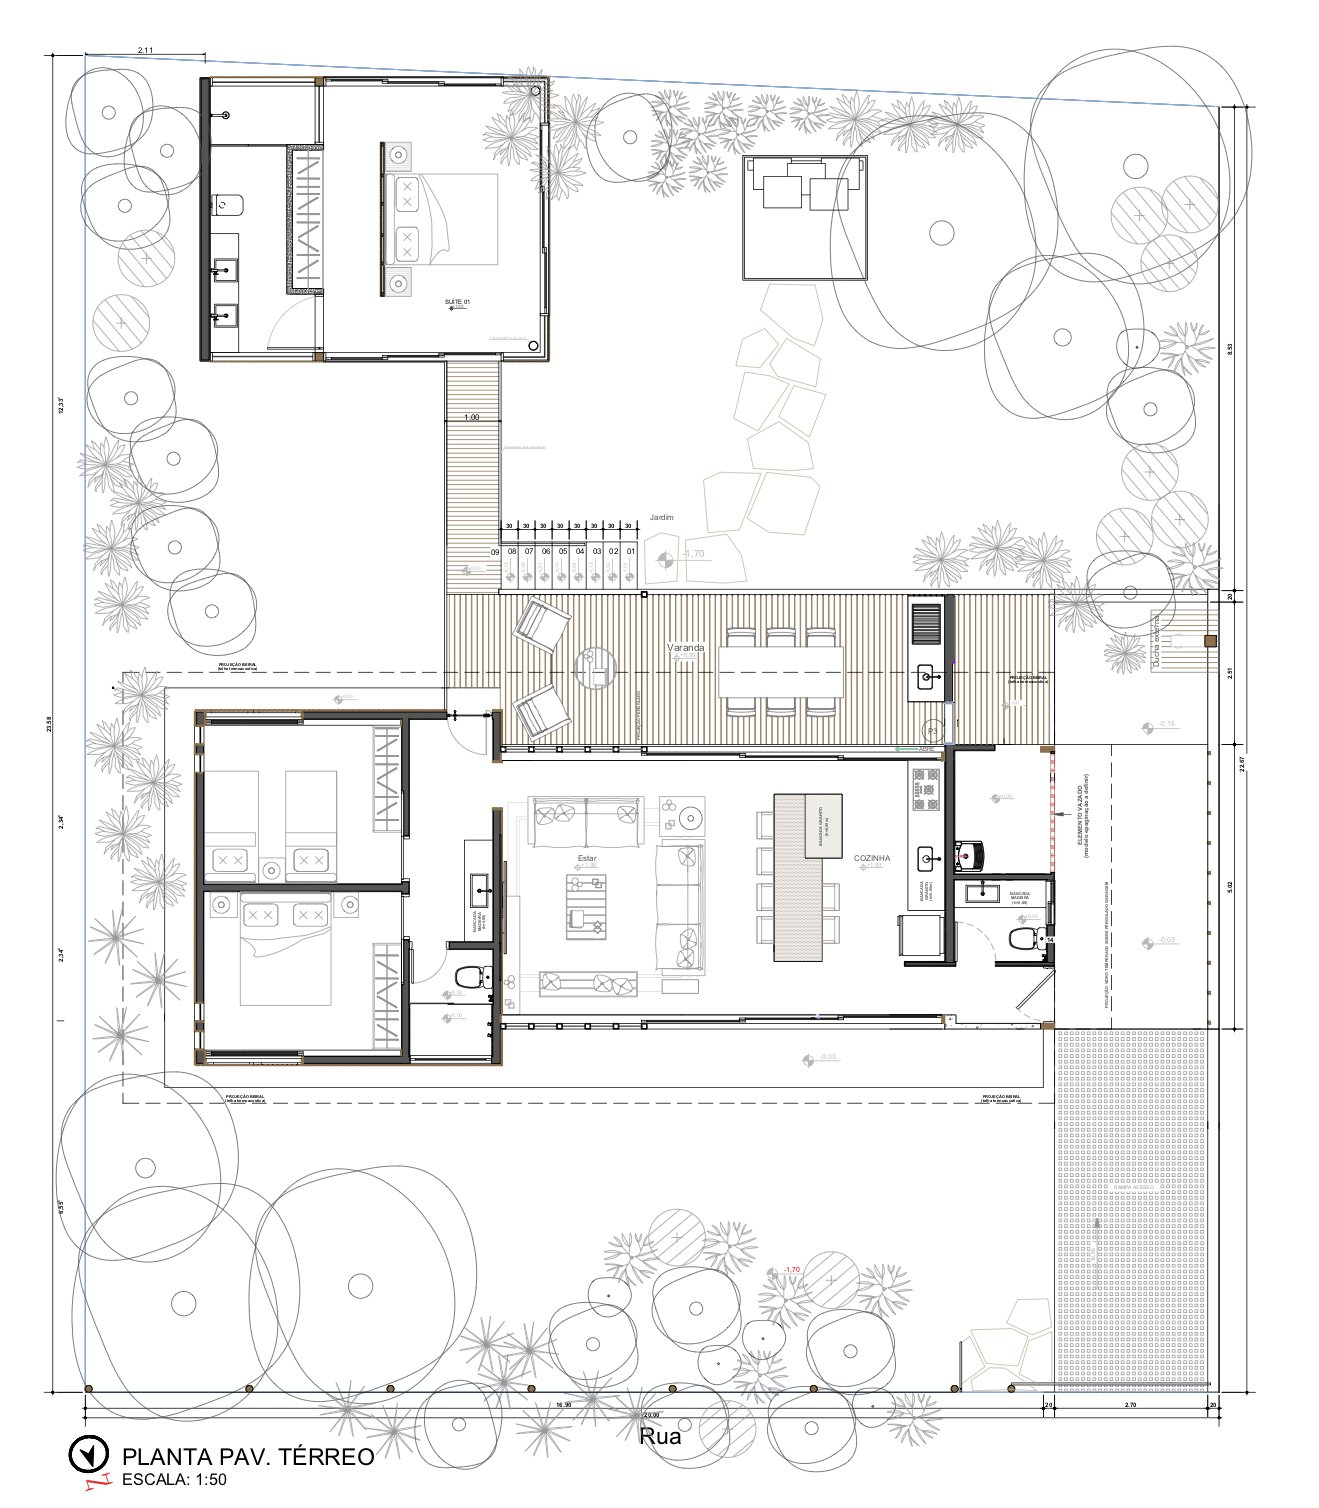 El plano de planta incluye un edificio no construido que comprende un dormitorio y un baño adicionales.